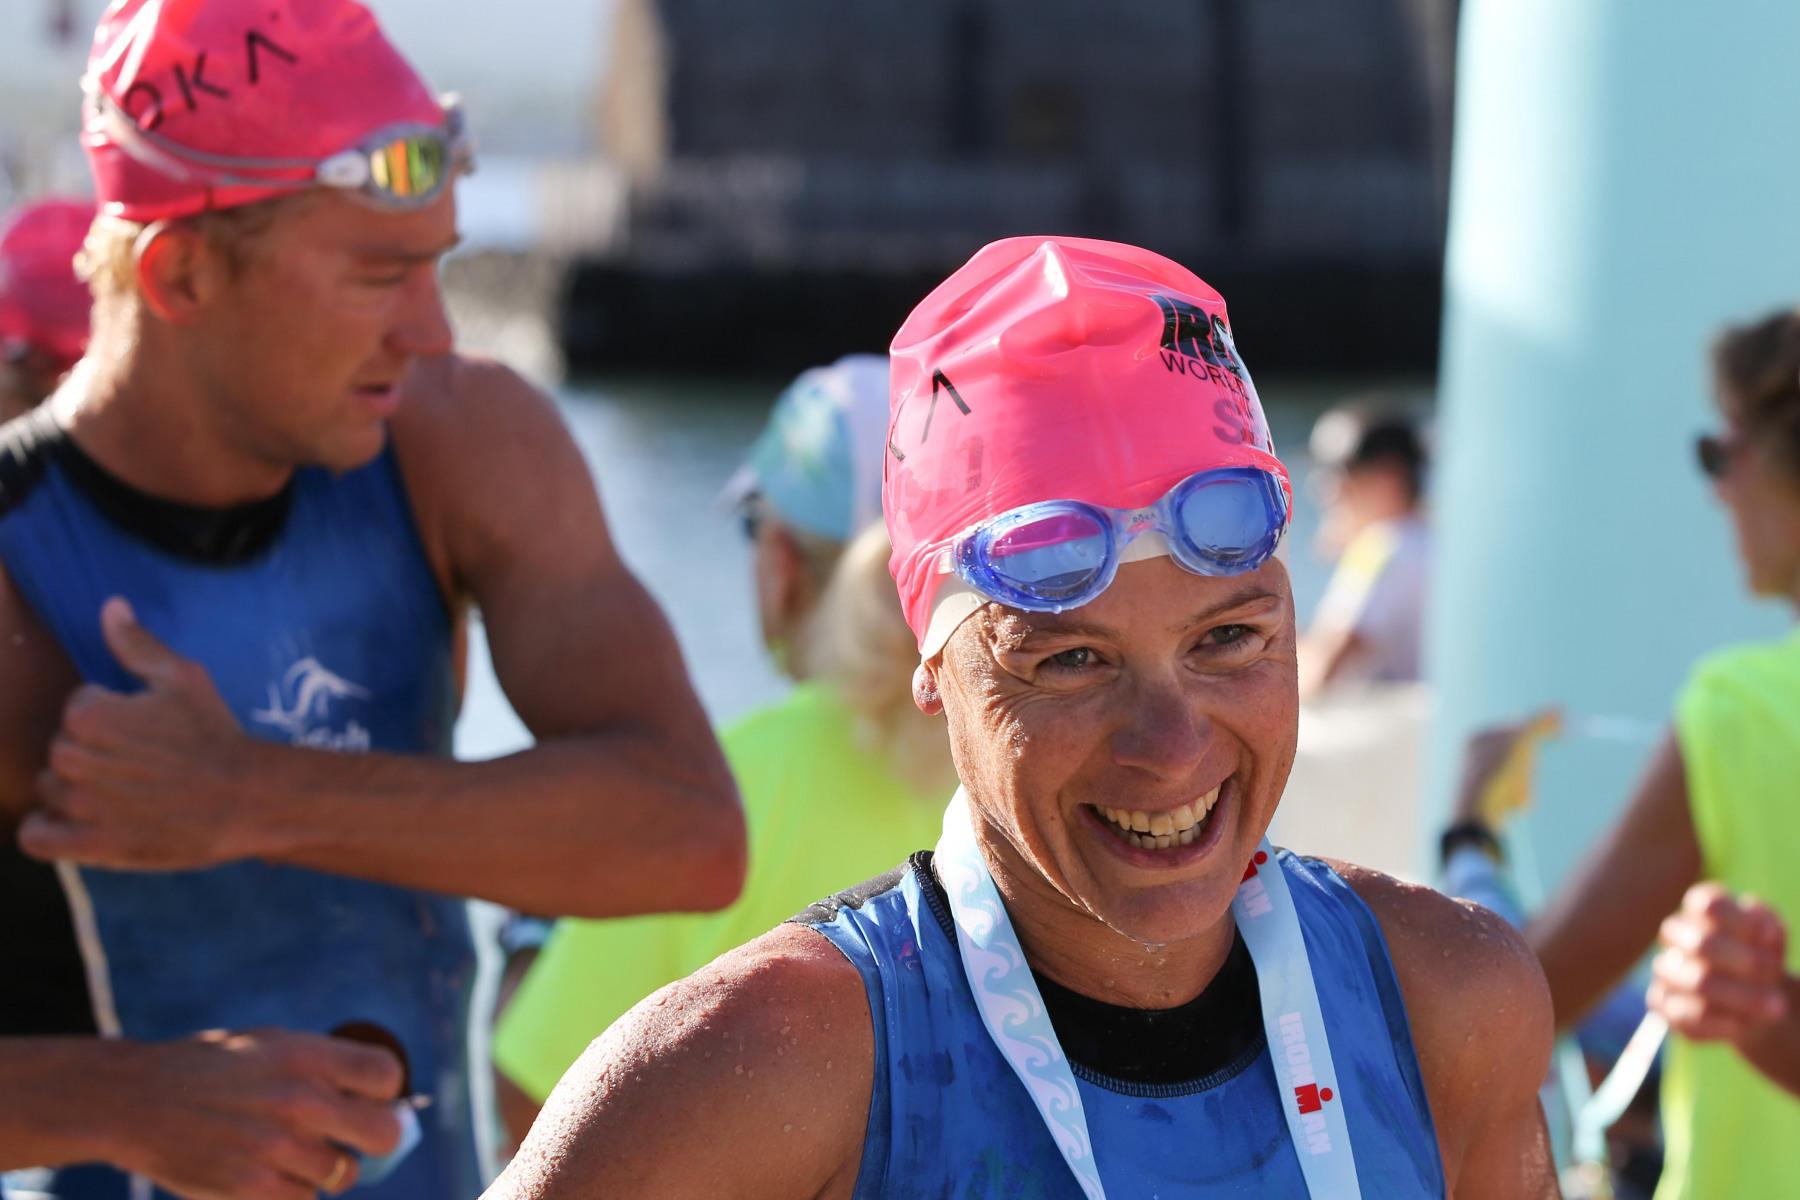 Sarah Crowley legt ein sehr gutes Schwimmen hin und kommt als schnellste Frau fast zeitgleich mit Nils Frommhold aus dem Wasser.